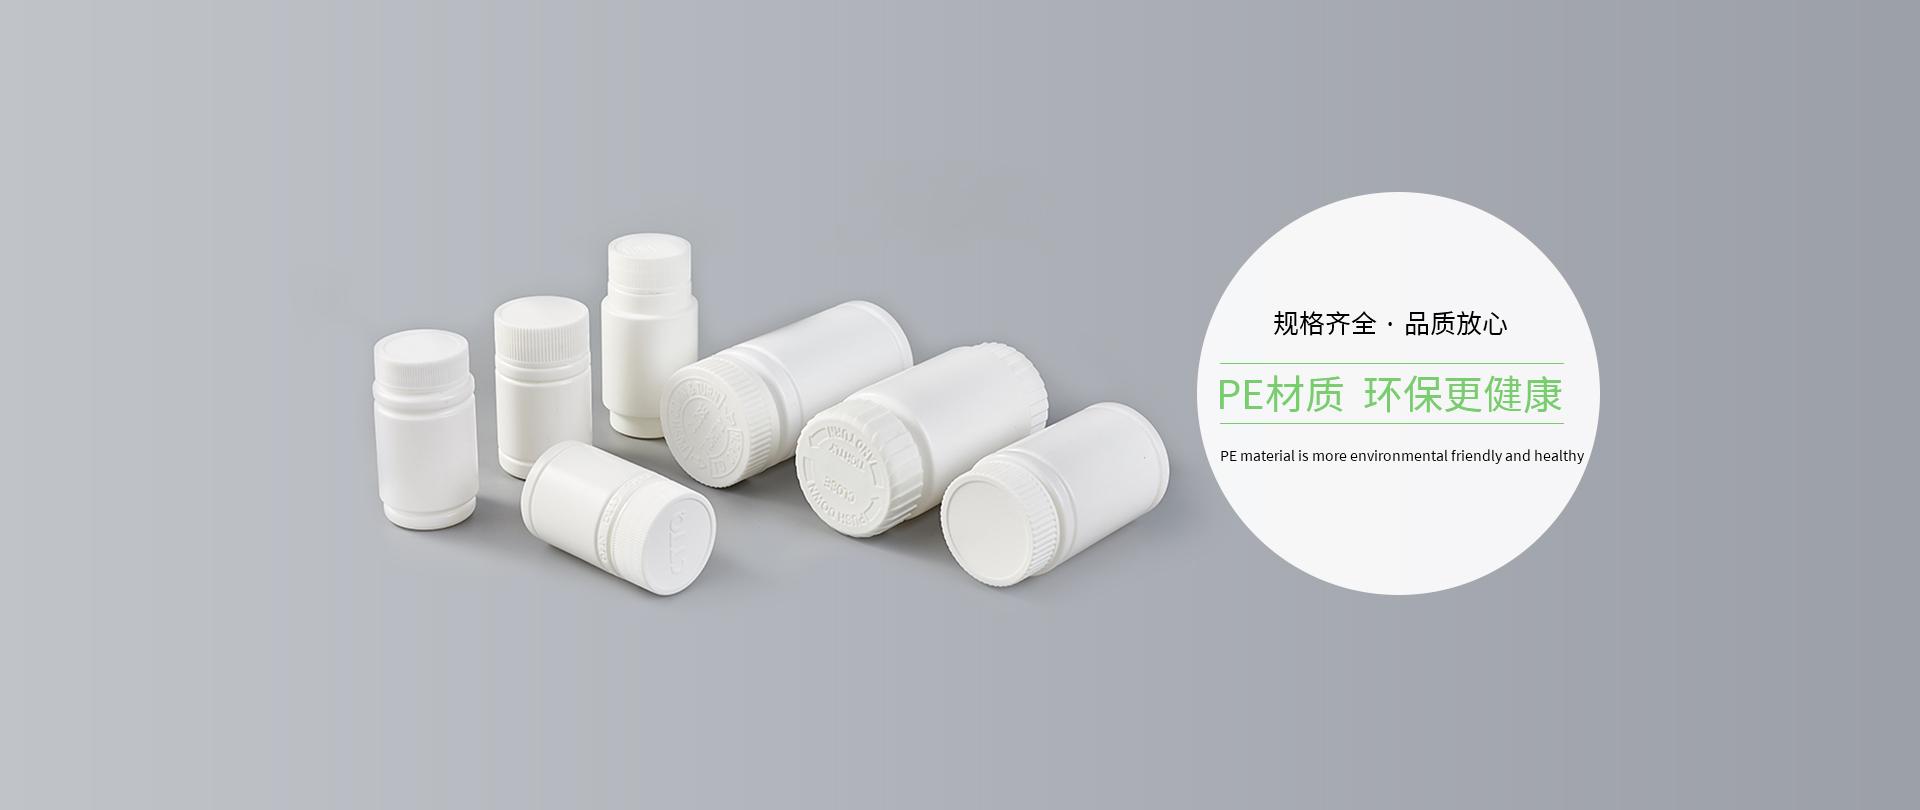 张家口塑料盖生产